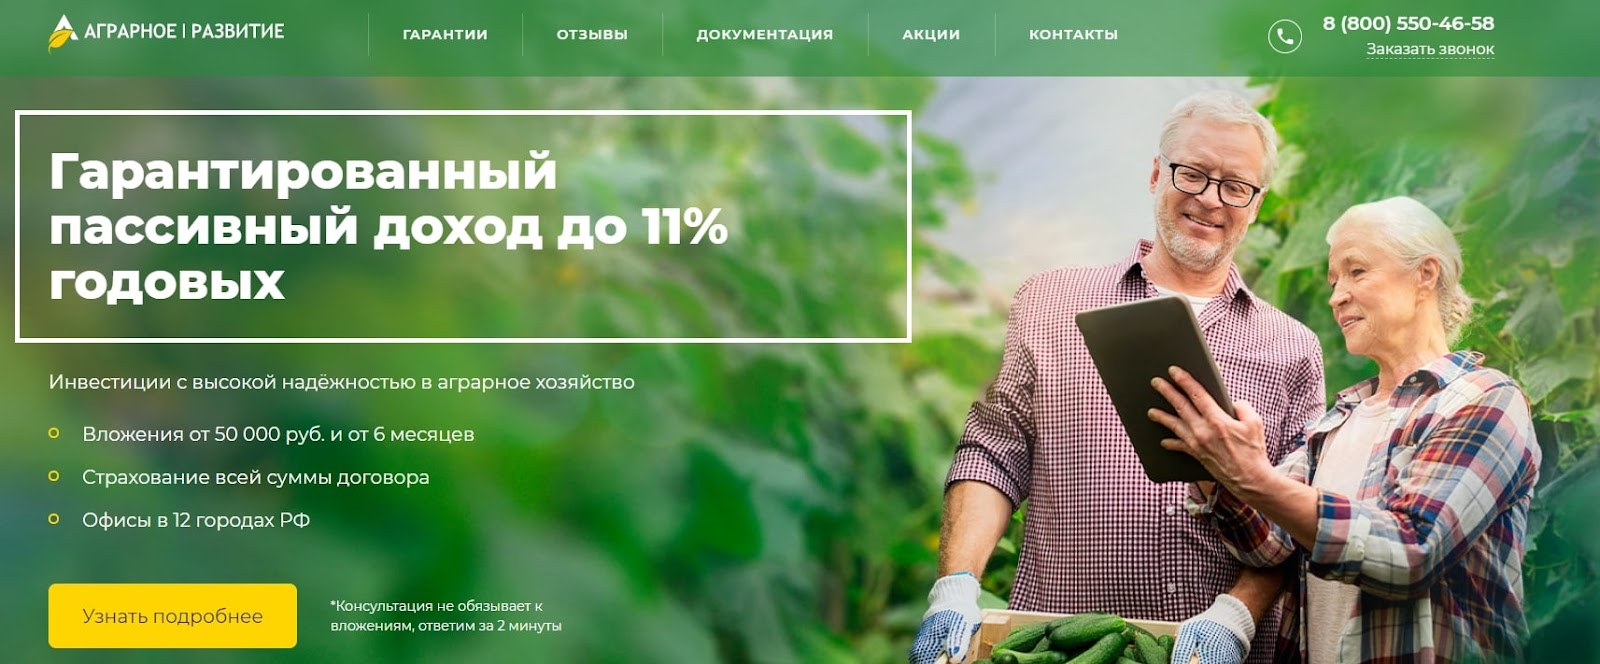 """КПК """"Аграрное развитие"""": отзывы и анализ инвестиционных условий реальные отзывы"""